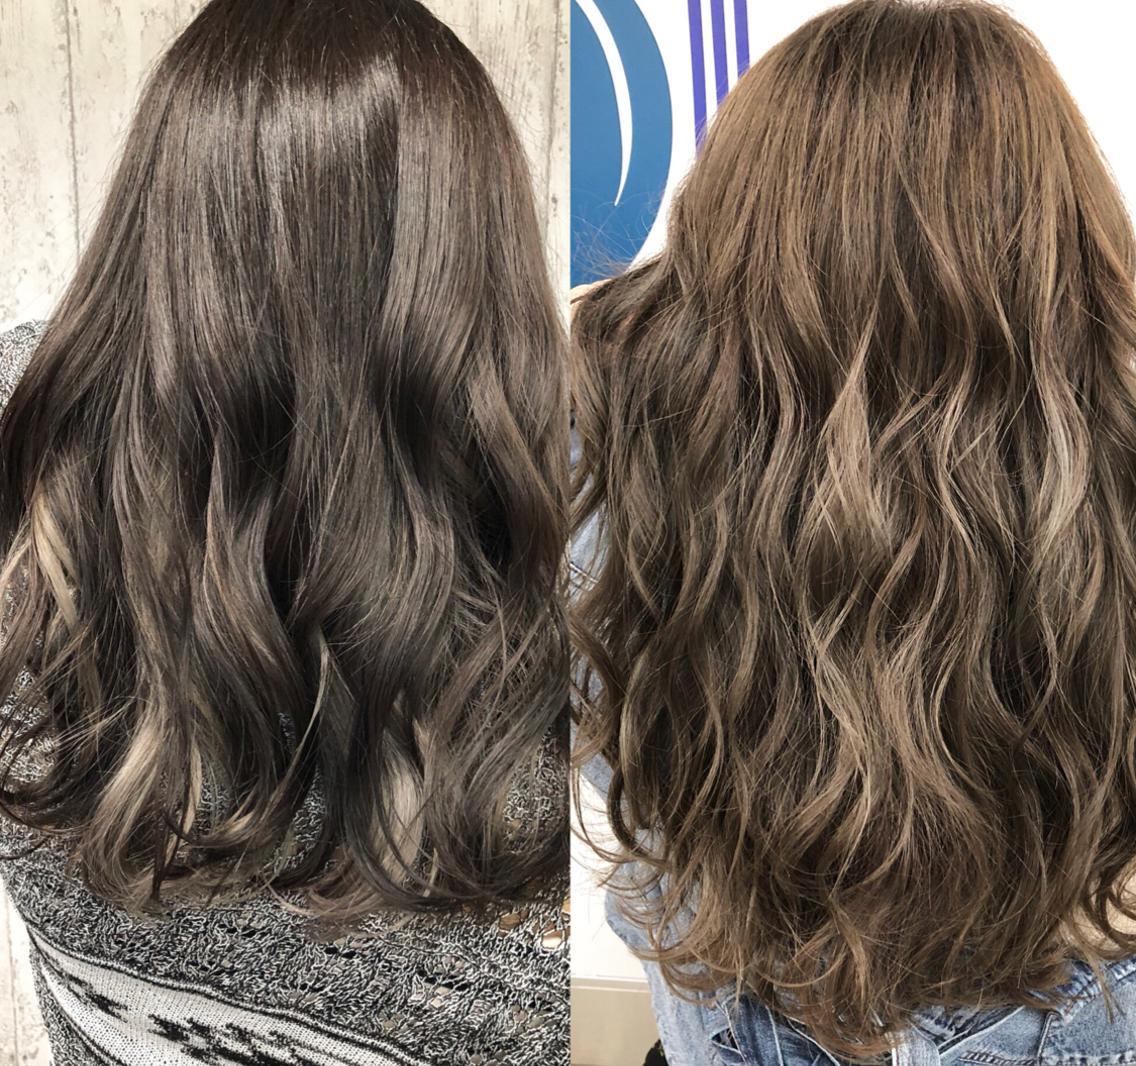 新しい縮毛矯正の薬剤を取り扱ってるので髪の毛が柔らかくナチュラルな仕上がりにできて相談により必要な箇所だけかけることも可能です‼️